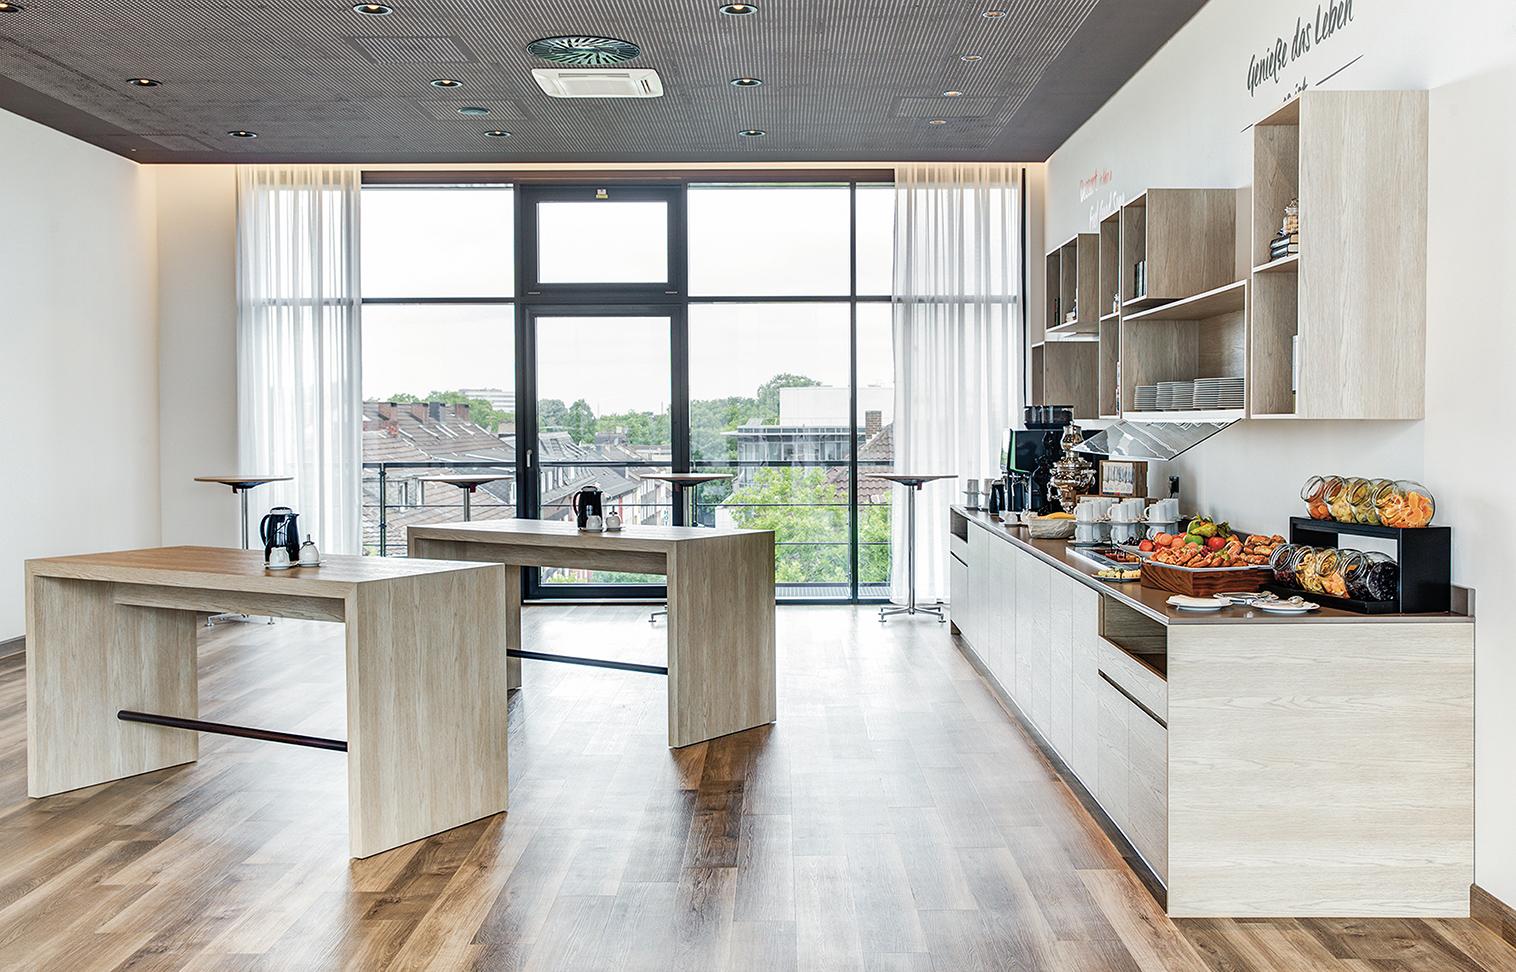 Duisburg intercityhotel - Innenarchitekt braunschweig ...